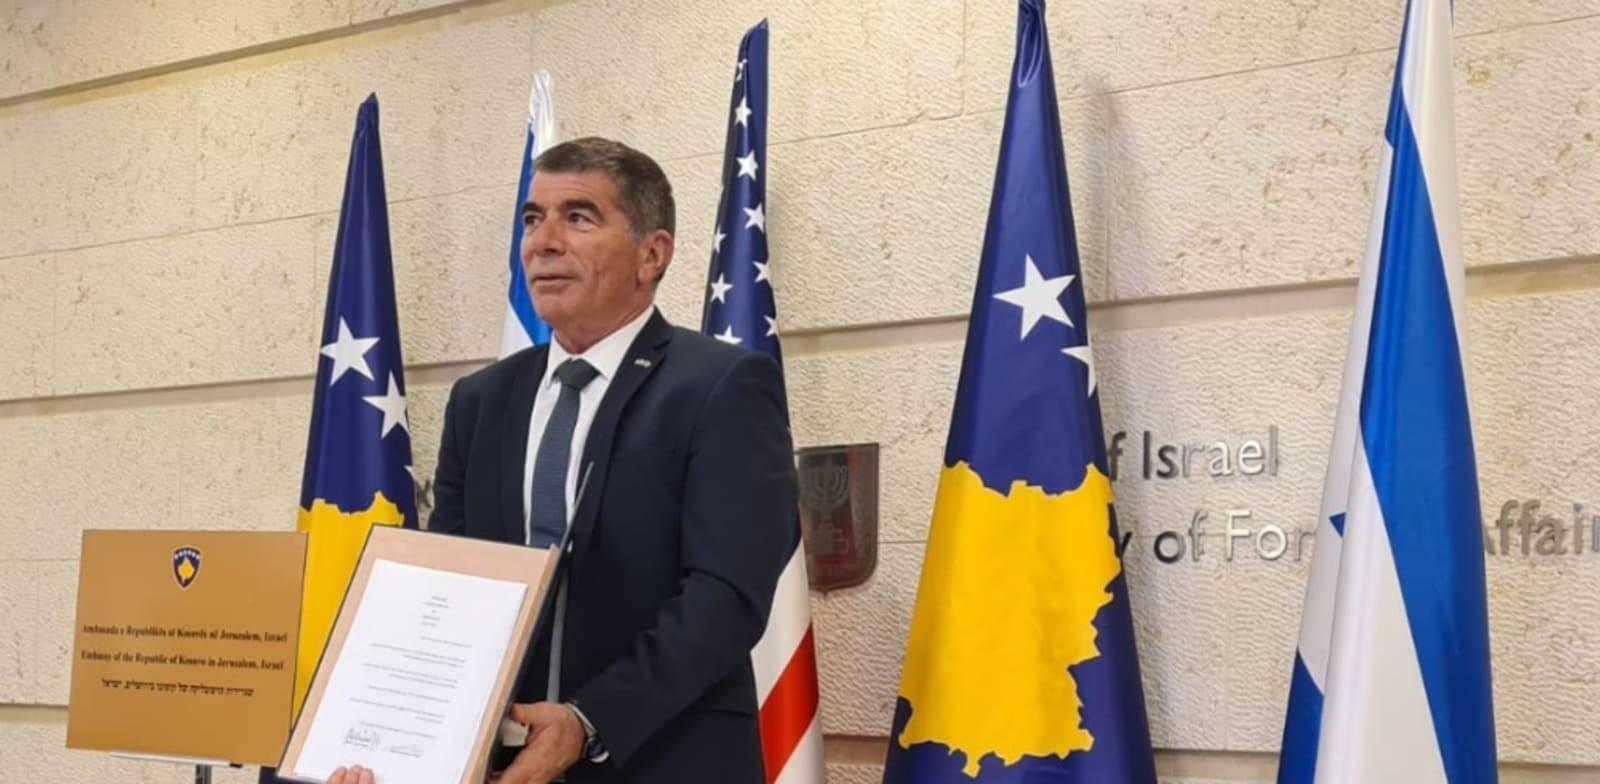 שר החוץ גבי אשכנזי בטקס הווירטואלי לרגל כינון היחסים הדיפלומטיים עם קוסובו / צילום: משרד החוץ